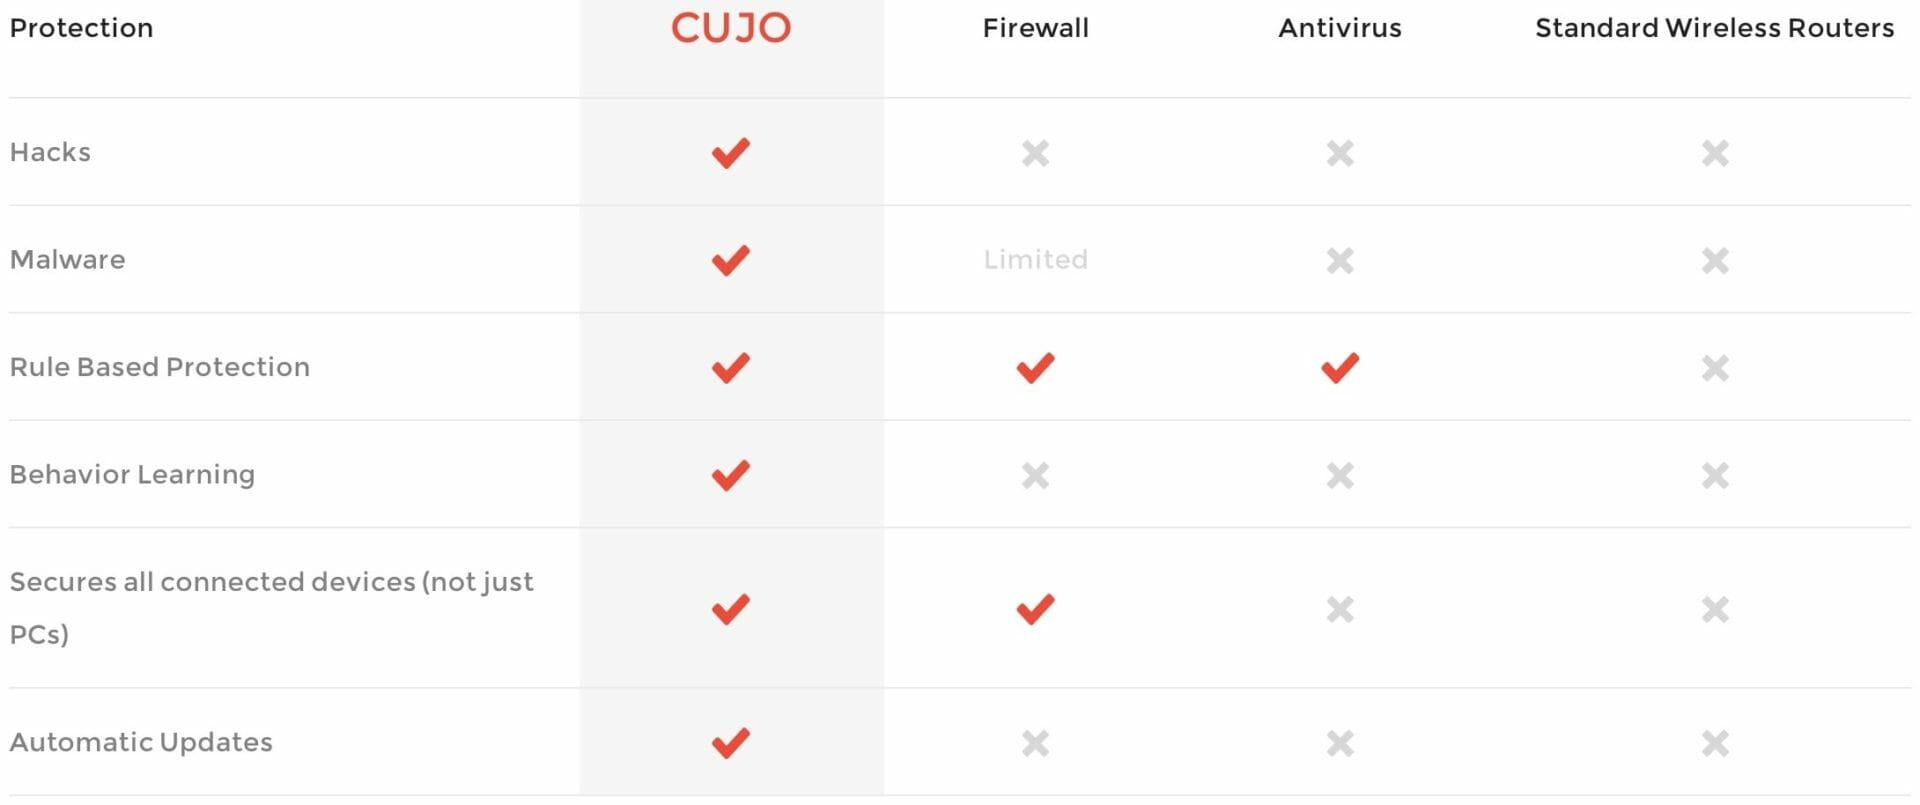 CUJO vs firewall